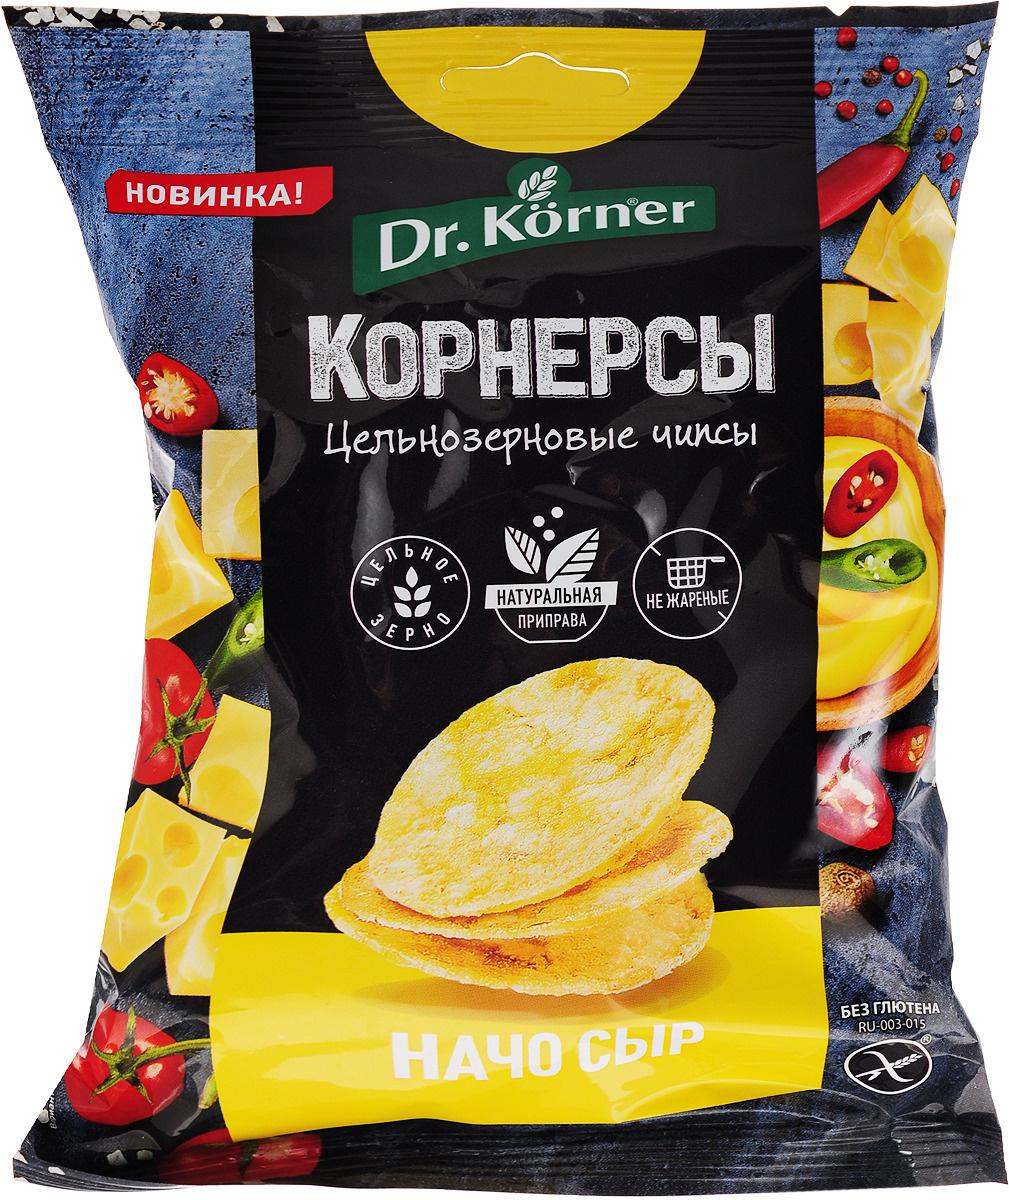 Чипсы Dr. Korner цельнозерновые, кукурузно-рисовые с сыром начо, 50 г  #1